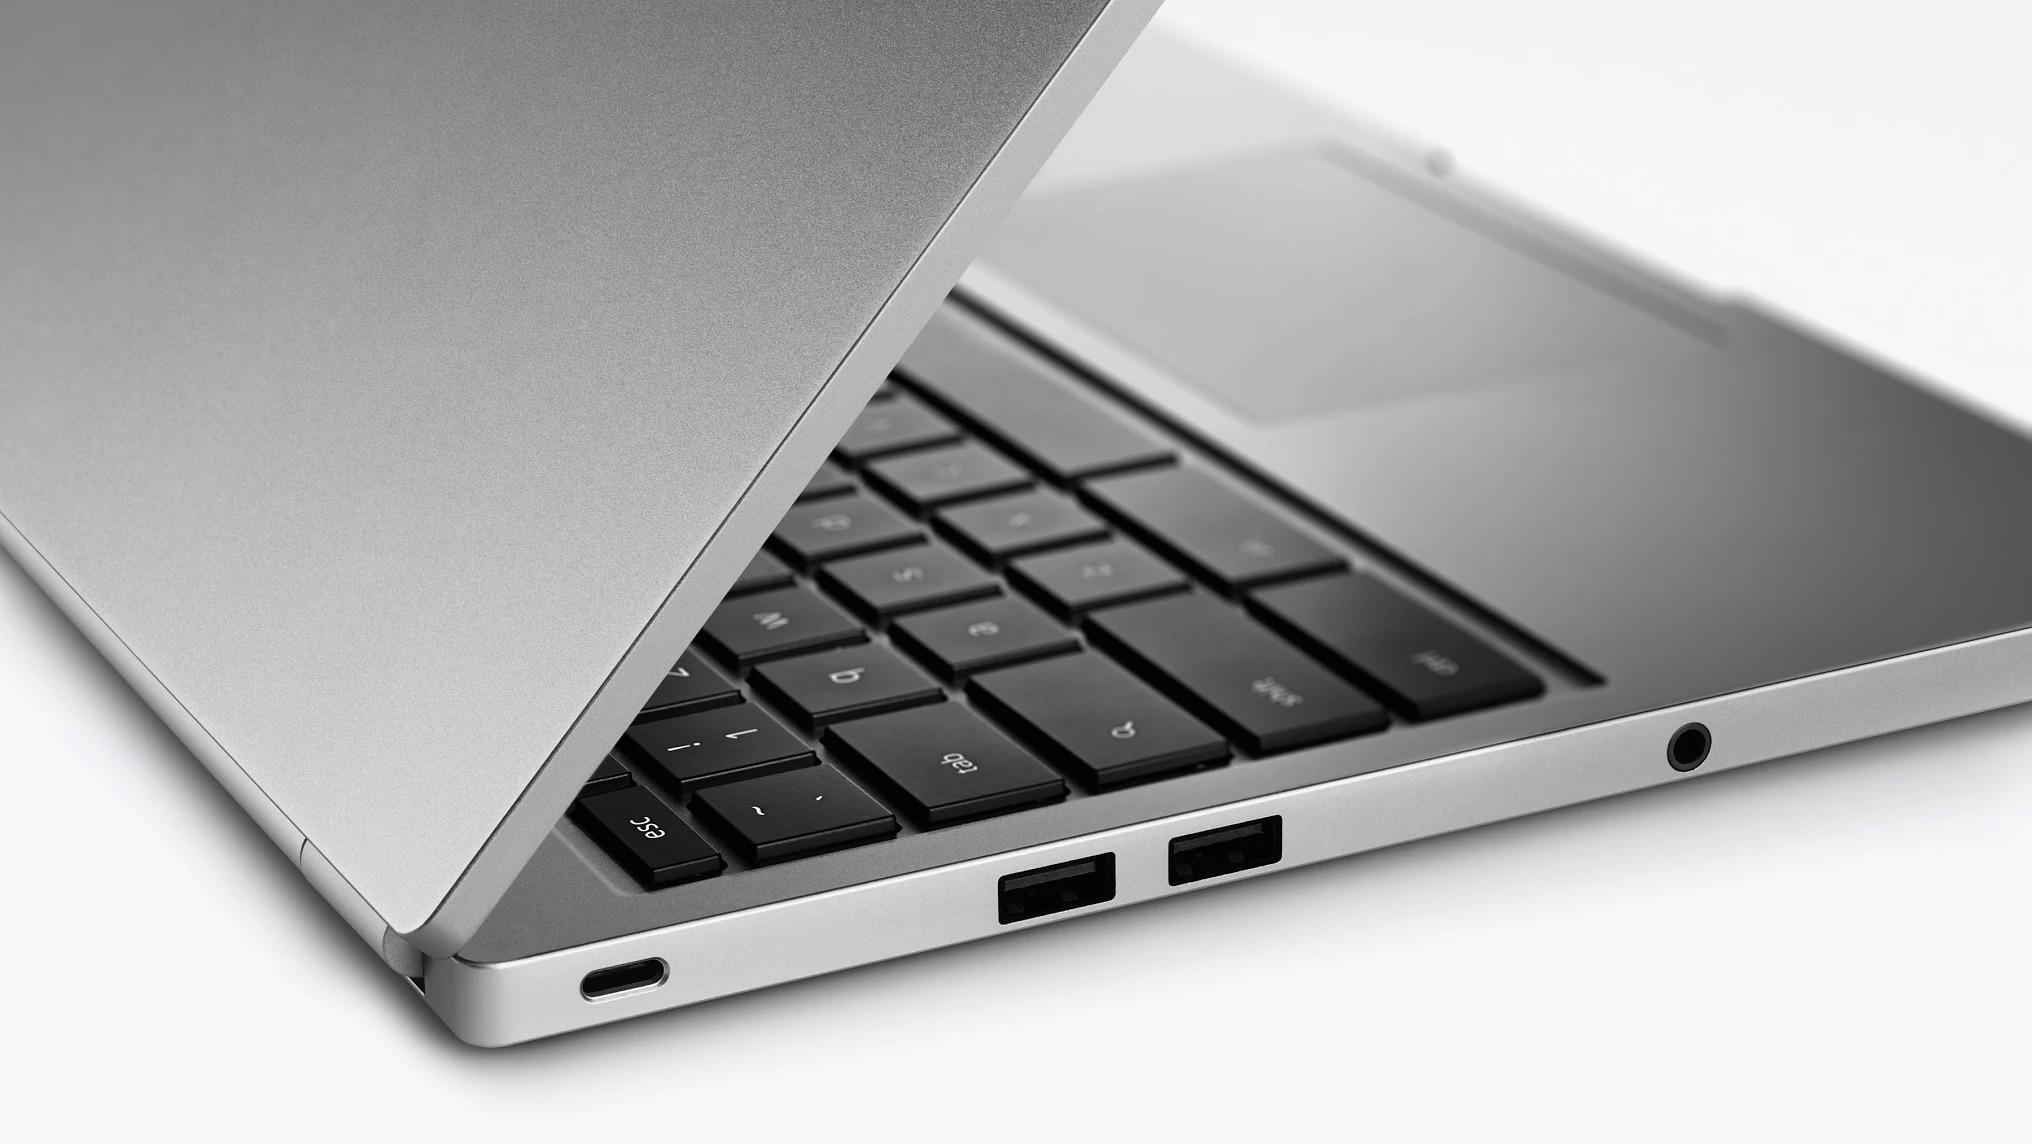 Google met discrètement fin au Chromebook Pixel 2 : un renouvellement en vue ?